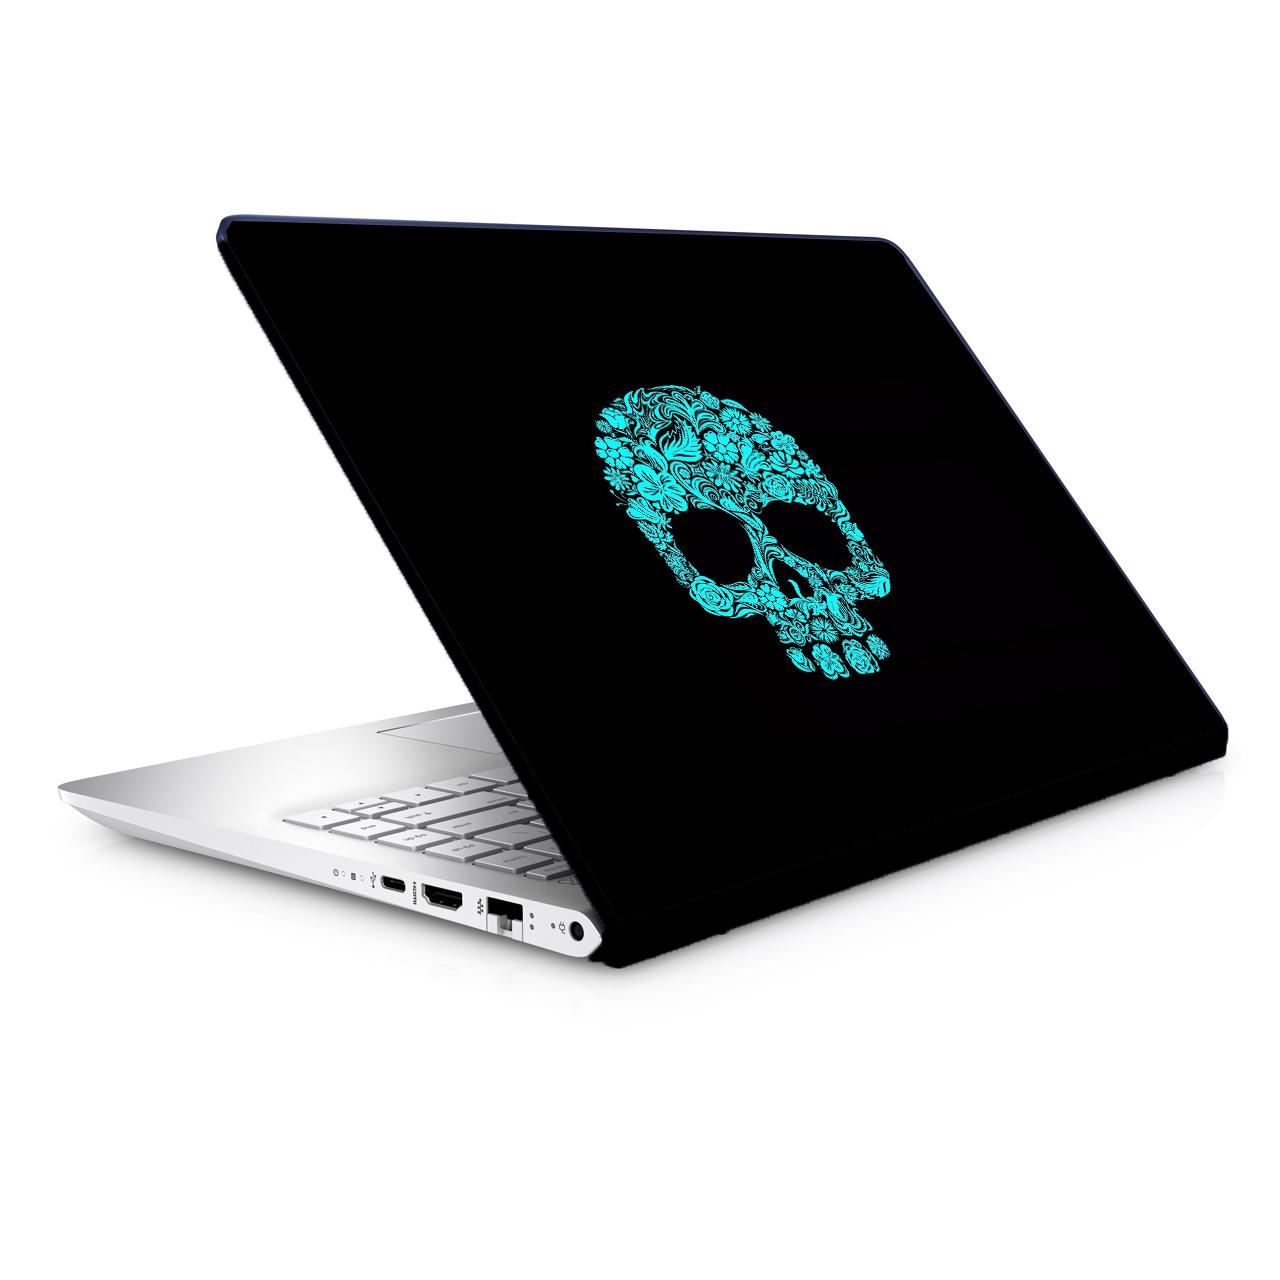 استیکر لپ تاپ طرح اسکلت مدل TIE342 مناسب برای لپ تاپ 15.6 اینچ